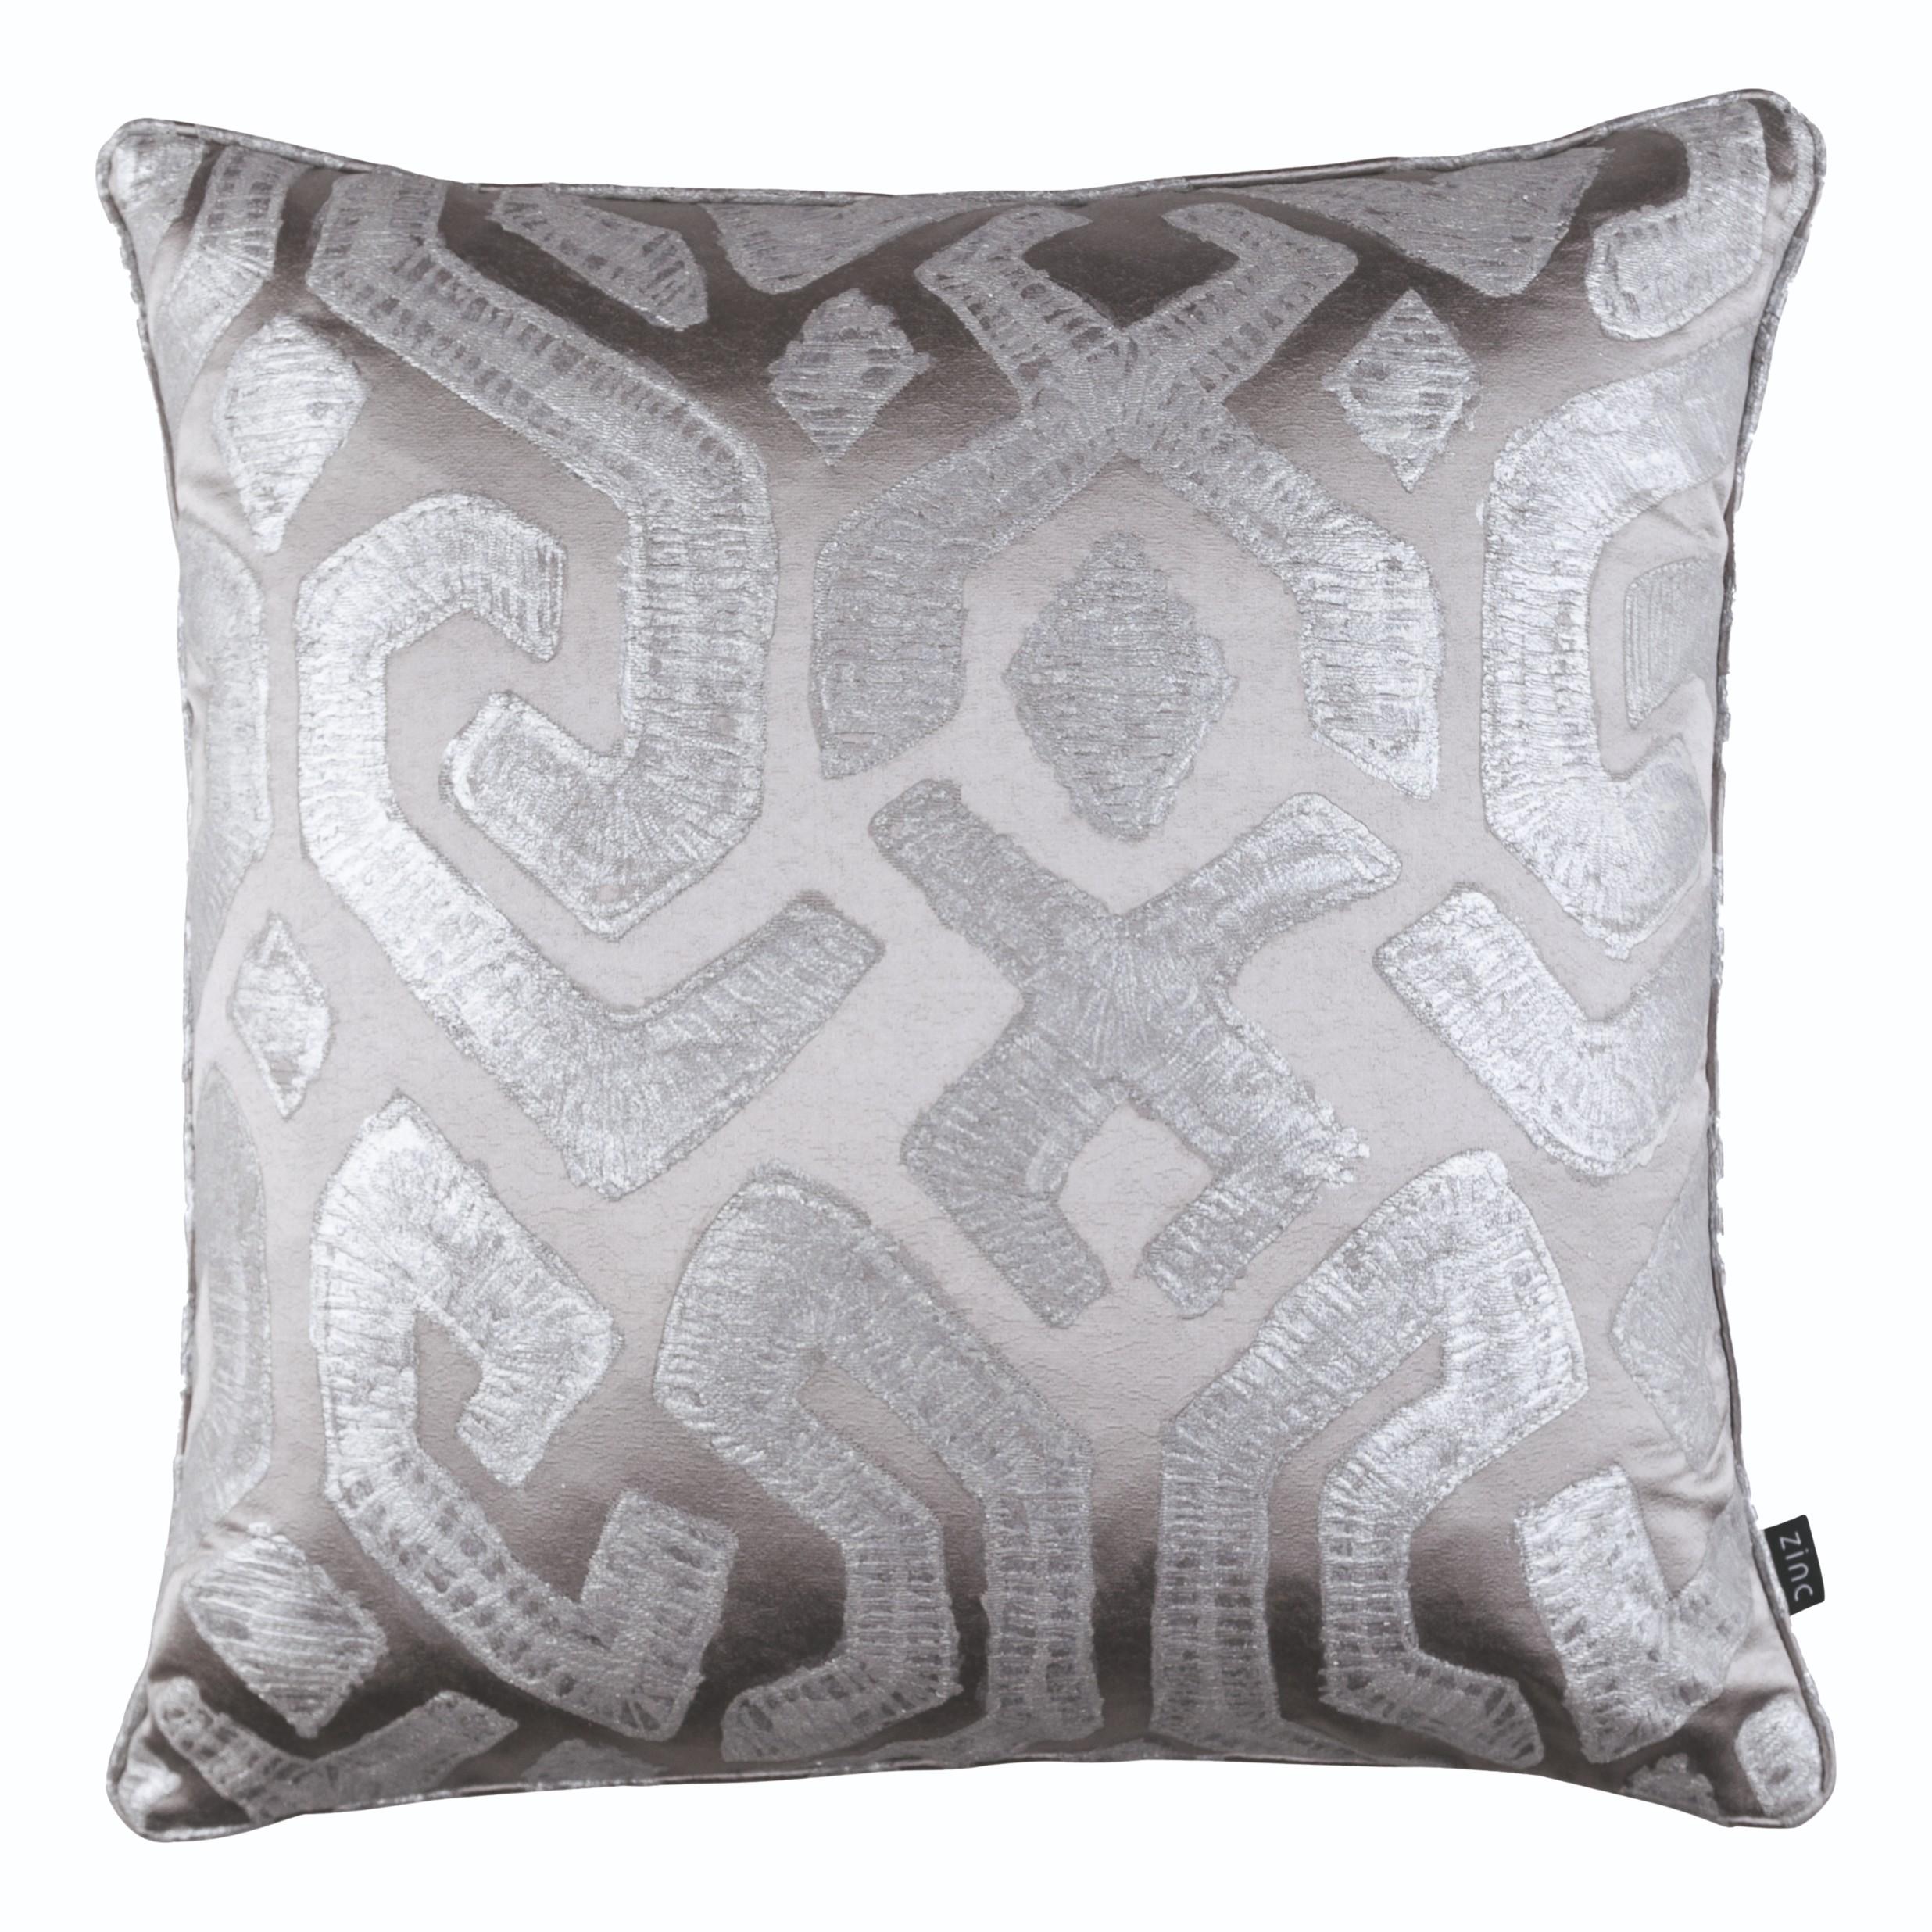 Zinc Romo I Dammuso Cushion   Silver Grey 50x50cm